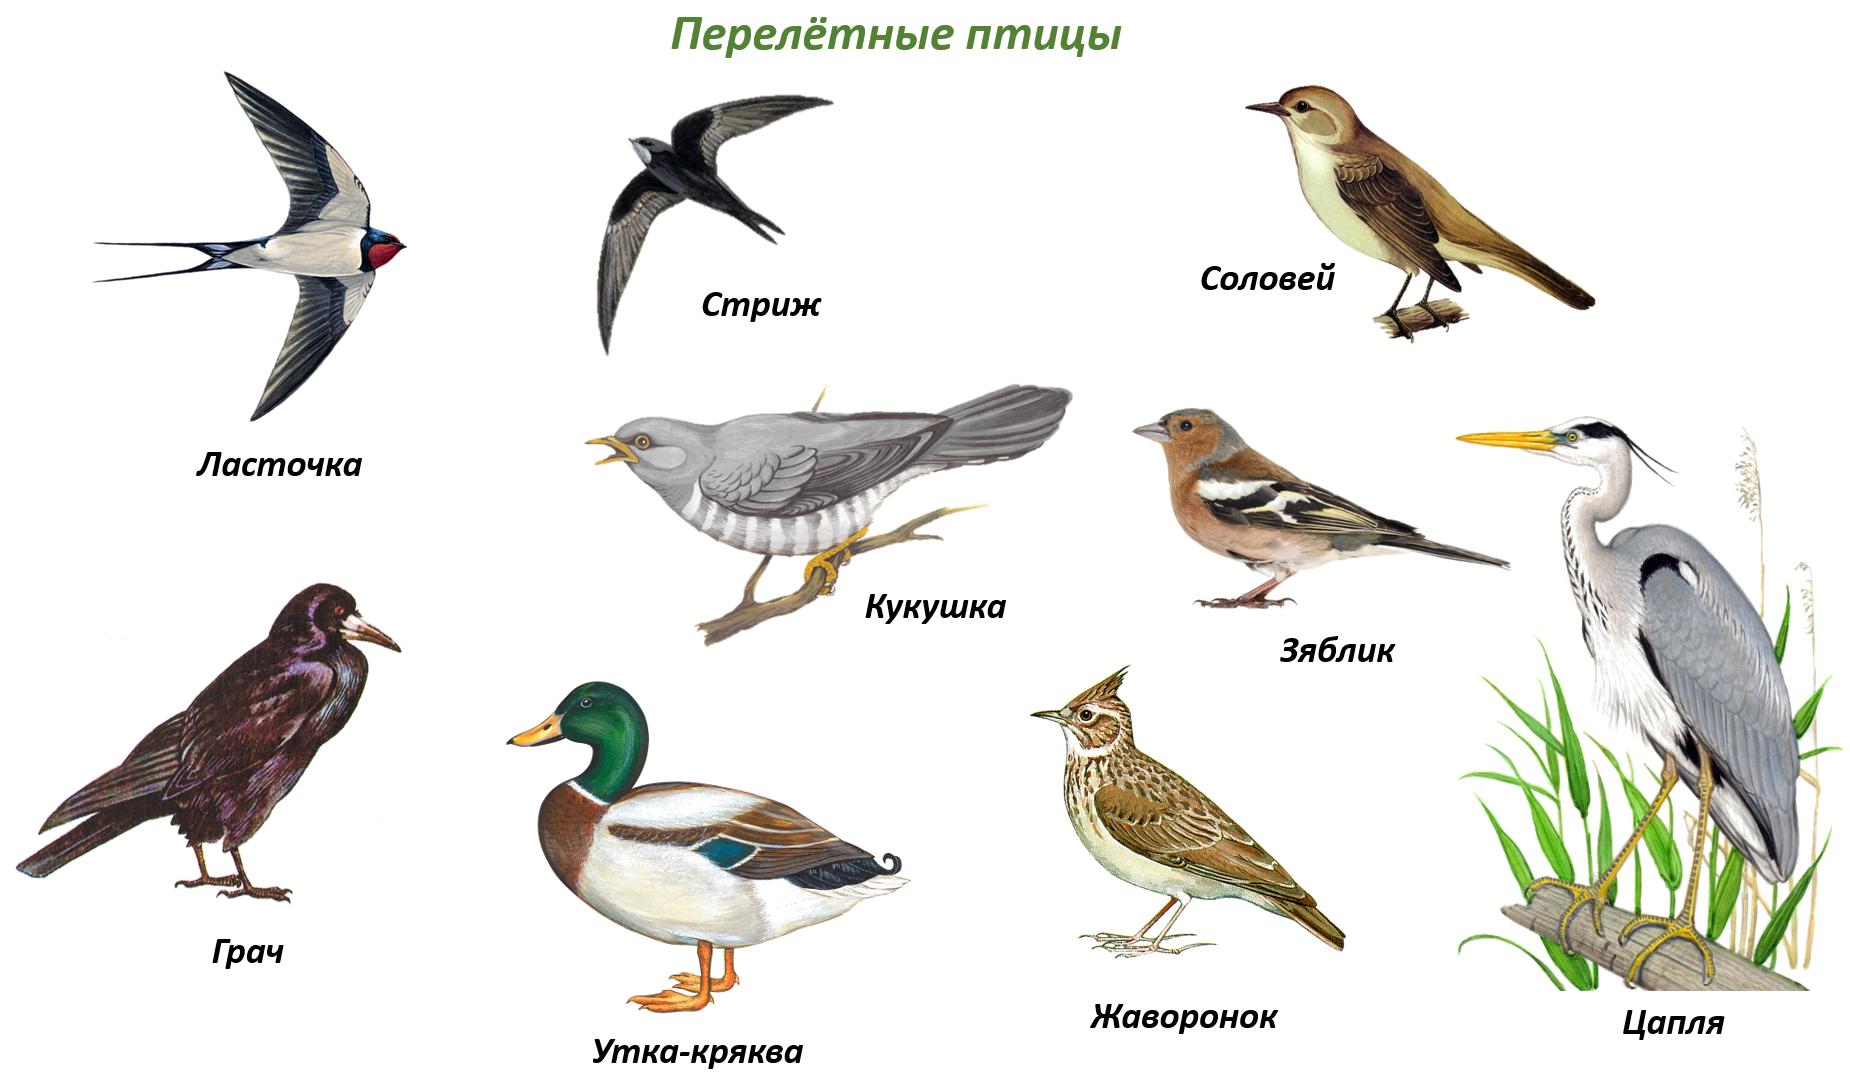 фотография птицы беларуси картинки и названия эти